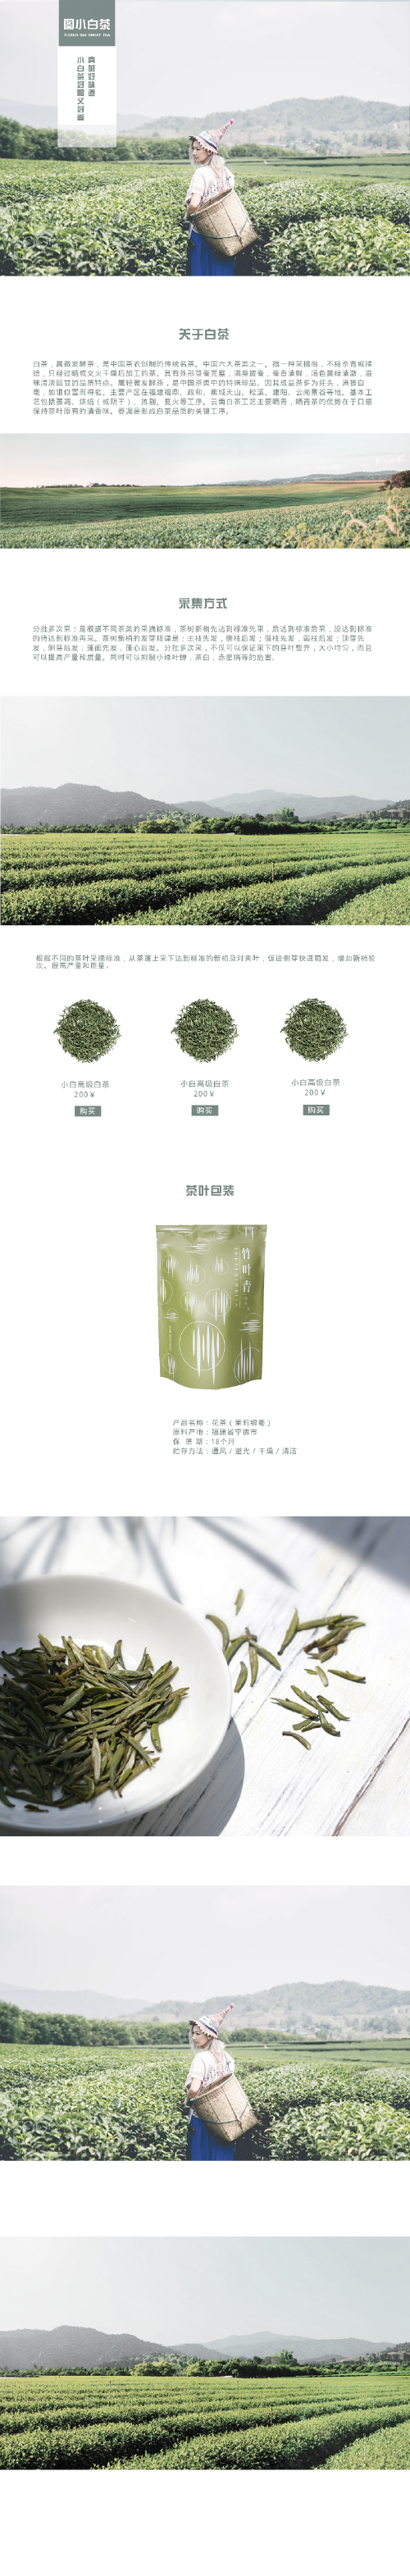 $低保風 清新茶葉淘寶詳情頁